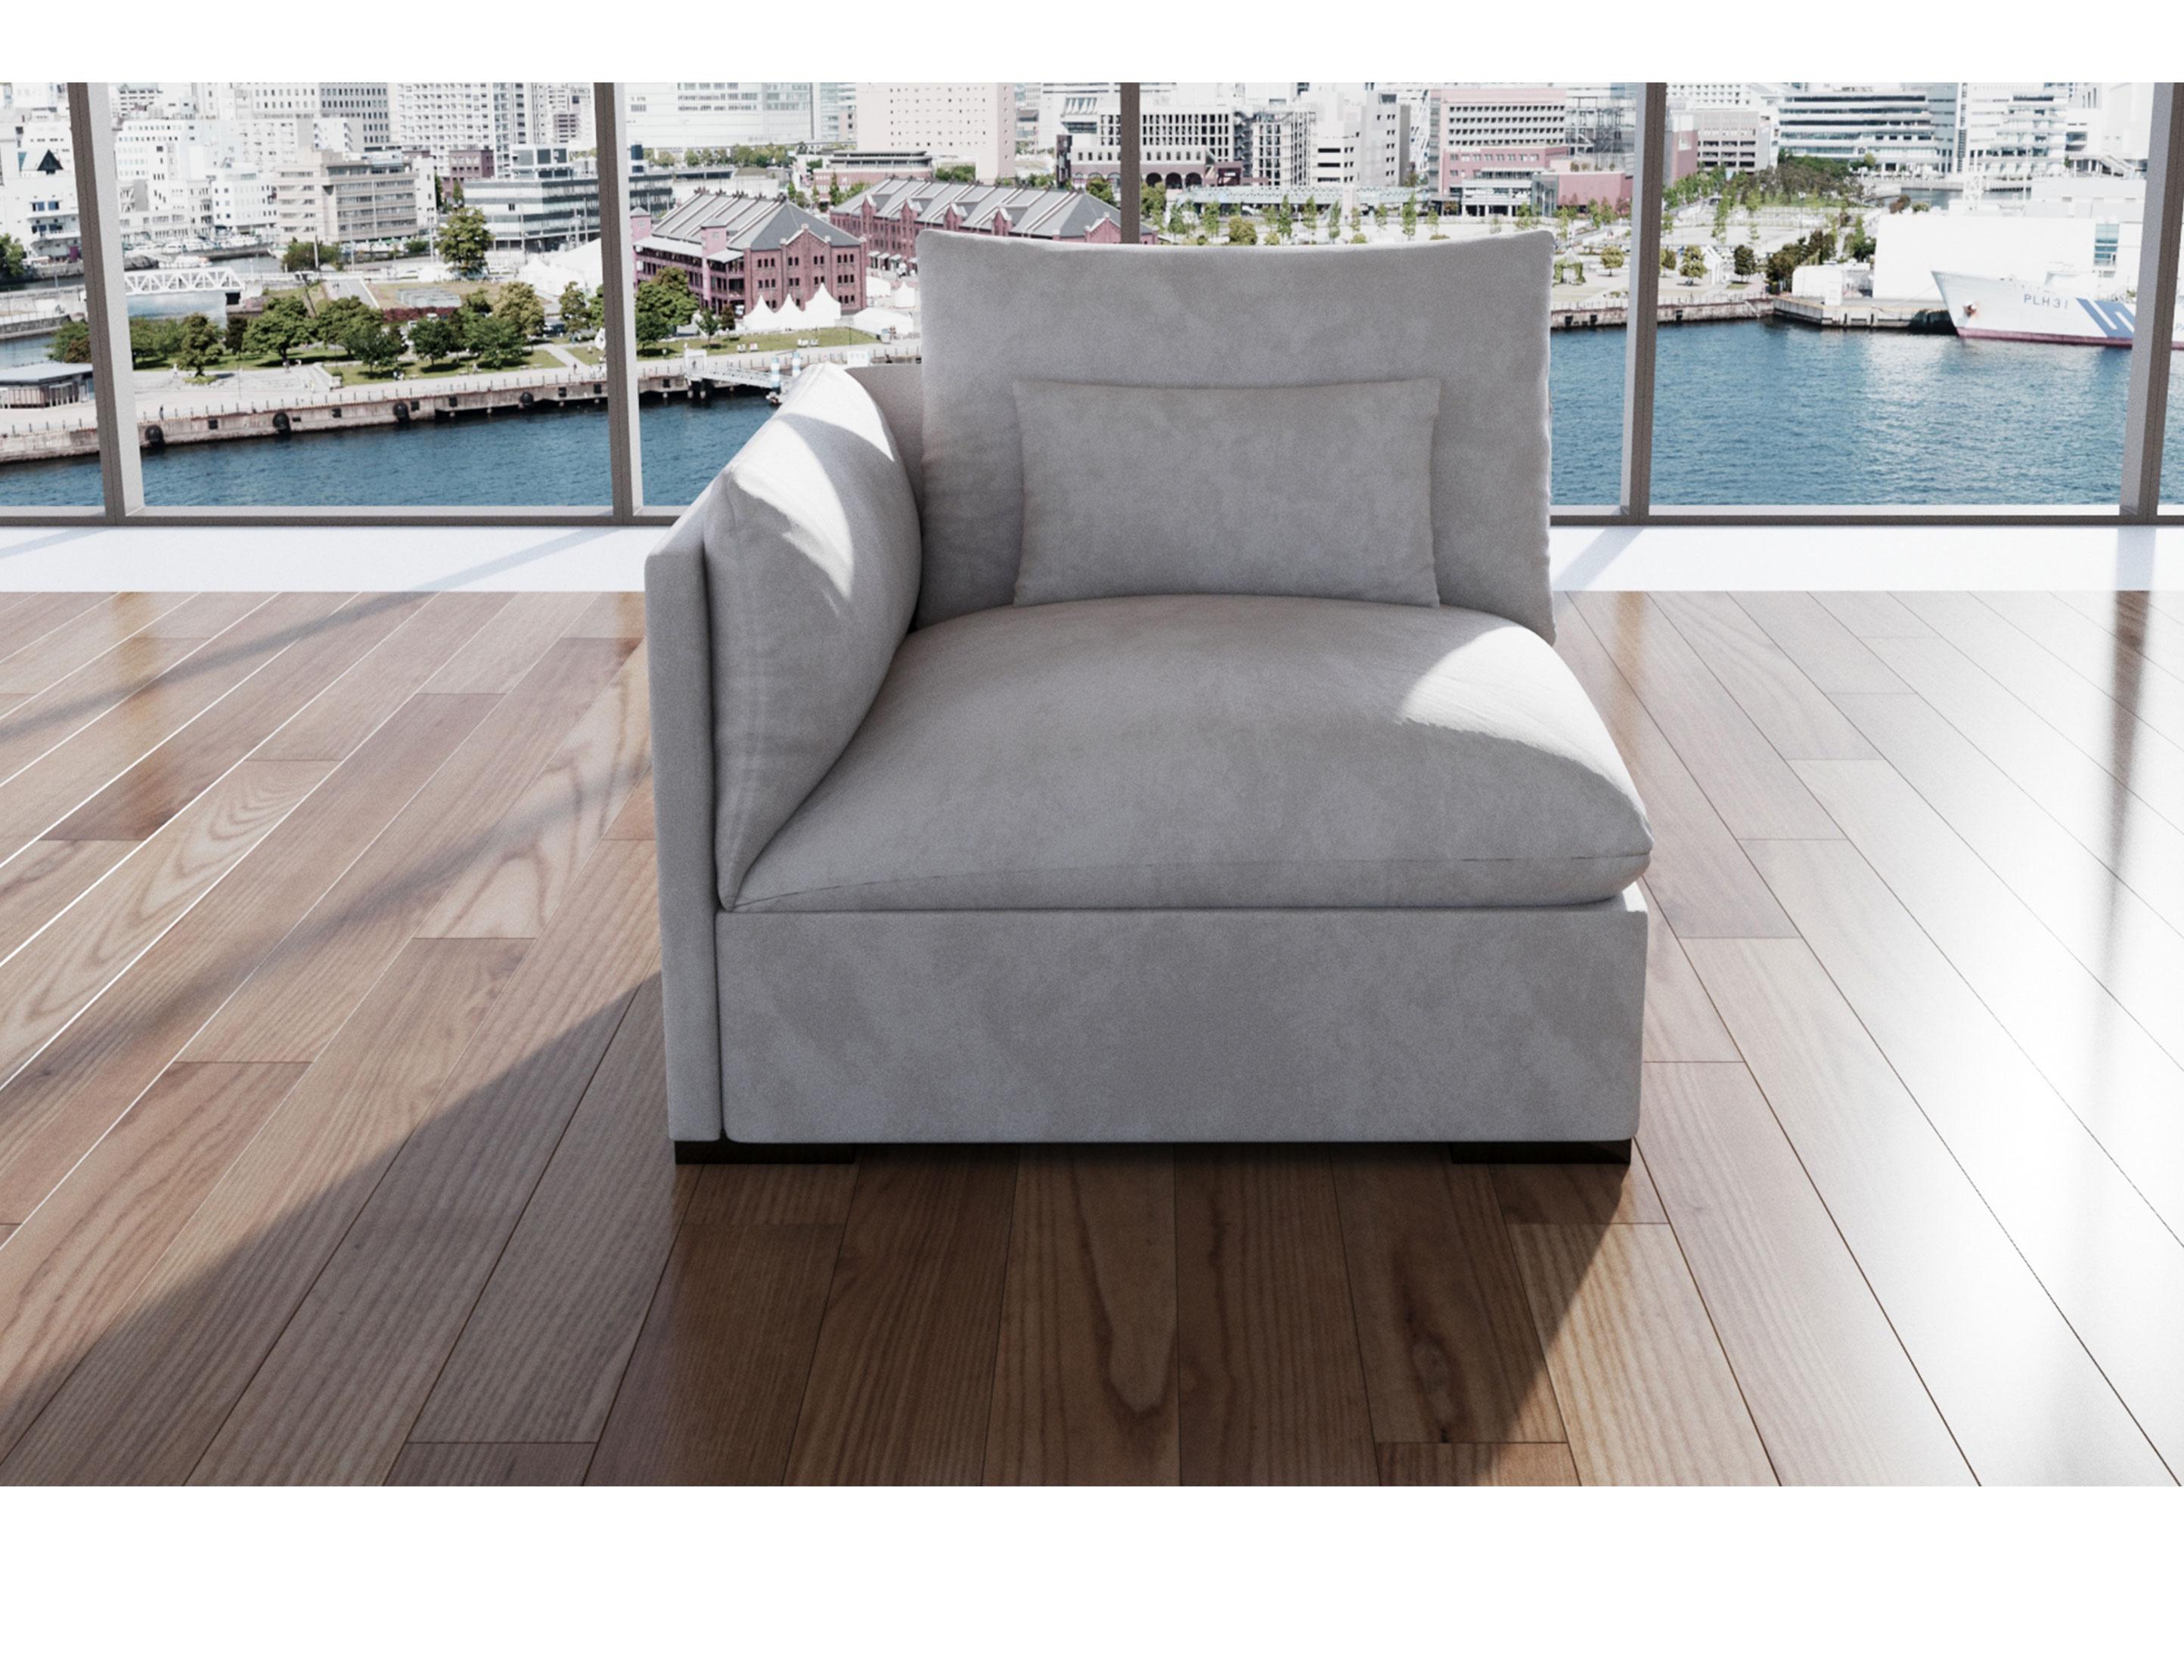 Adagio Corner Luxury Sofa Module